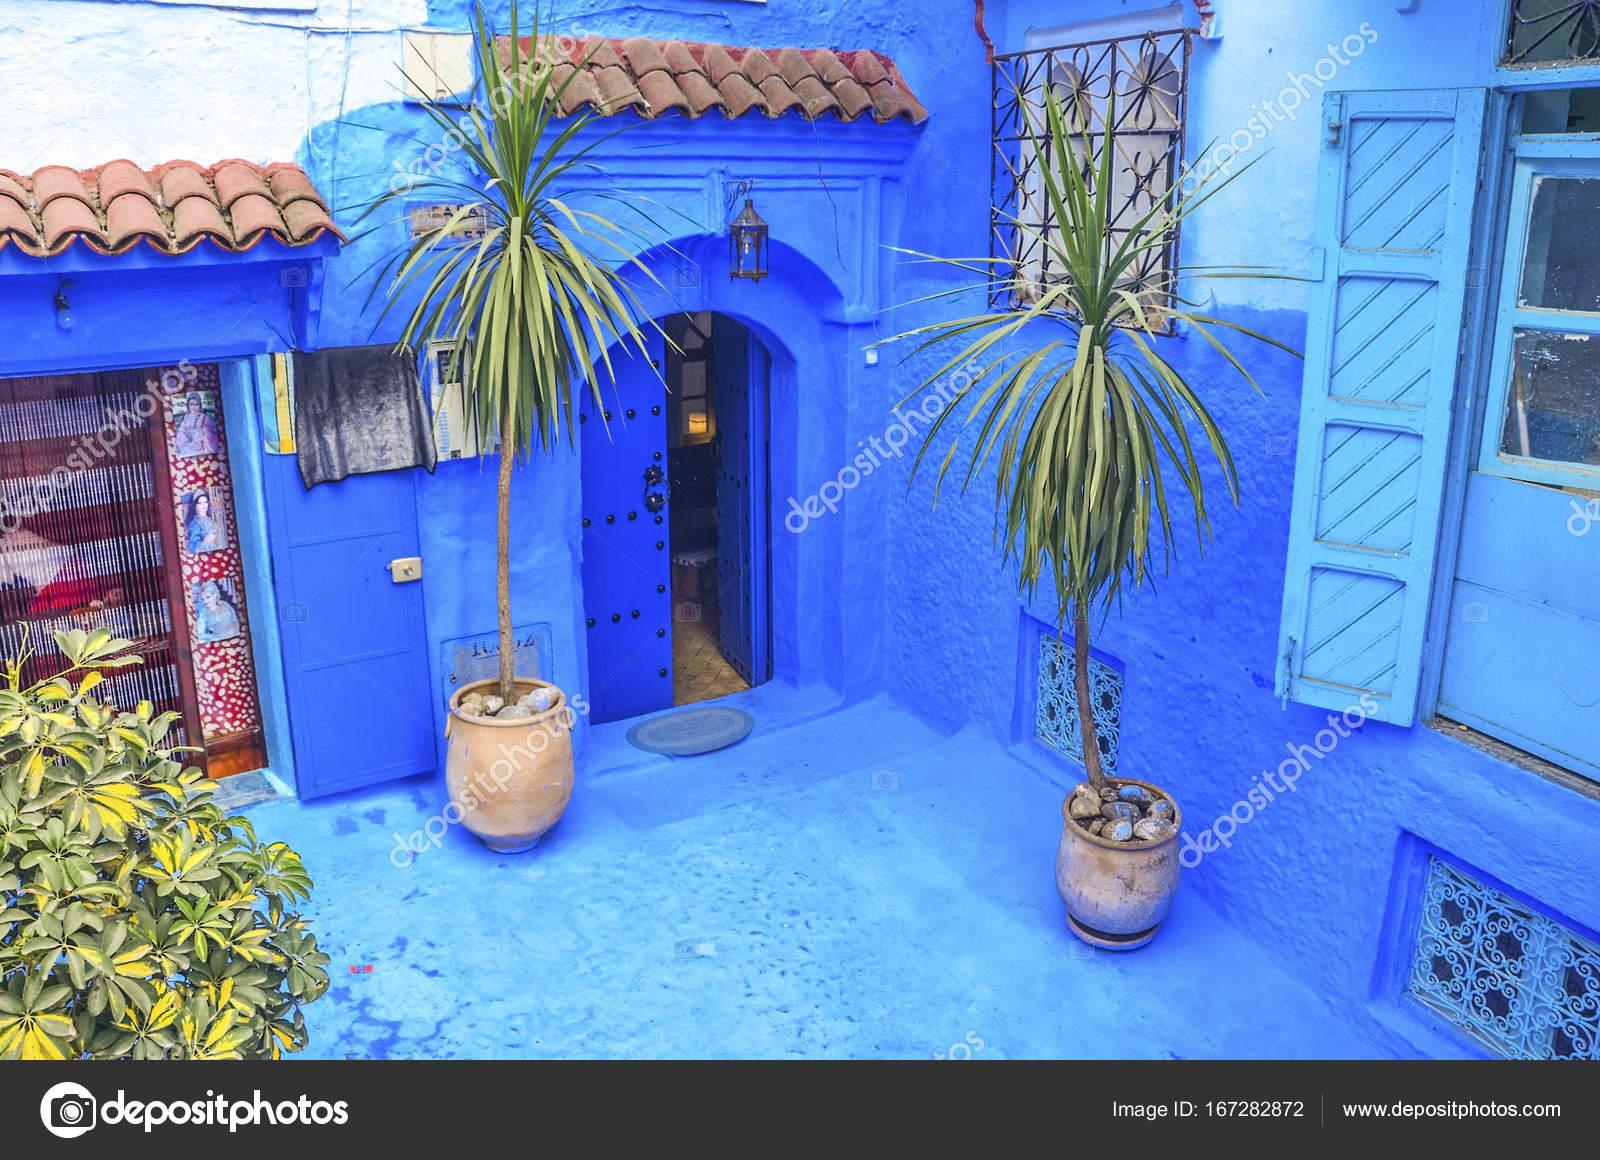 Blauwe muur en trap versierd met kleurrijke bloempotten